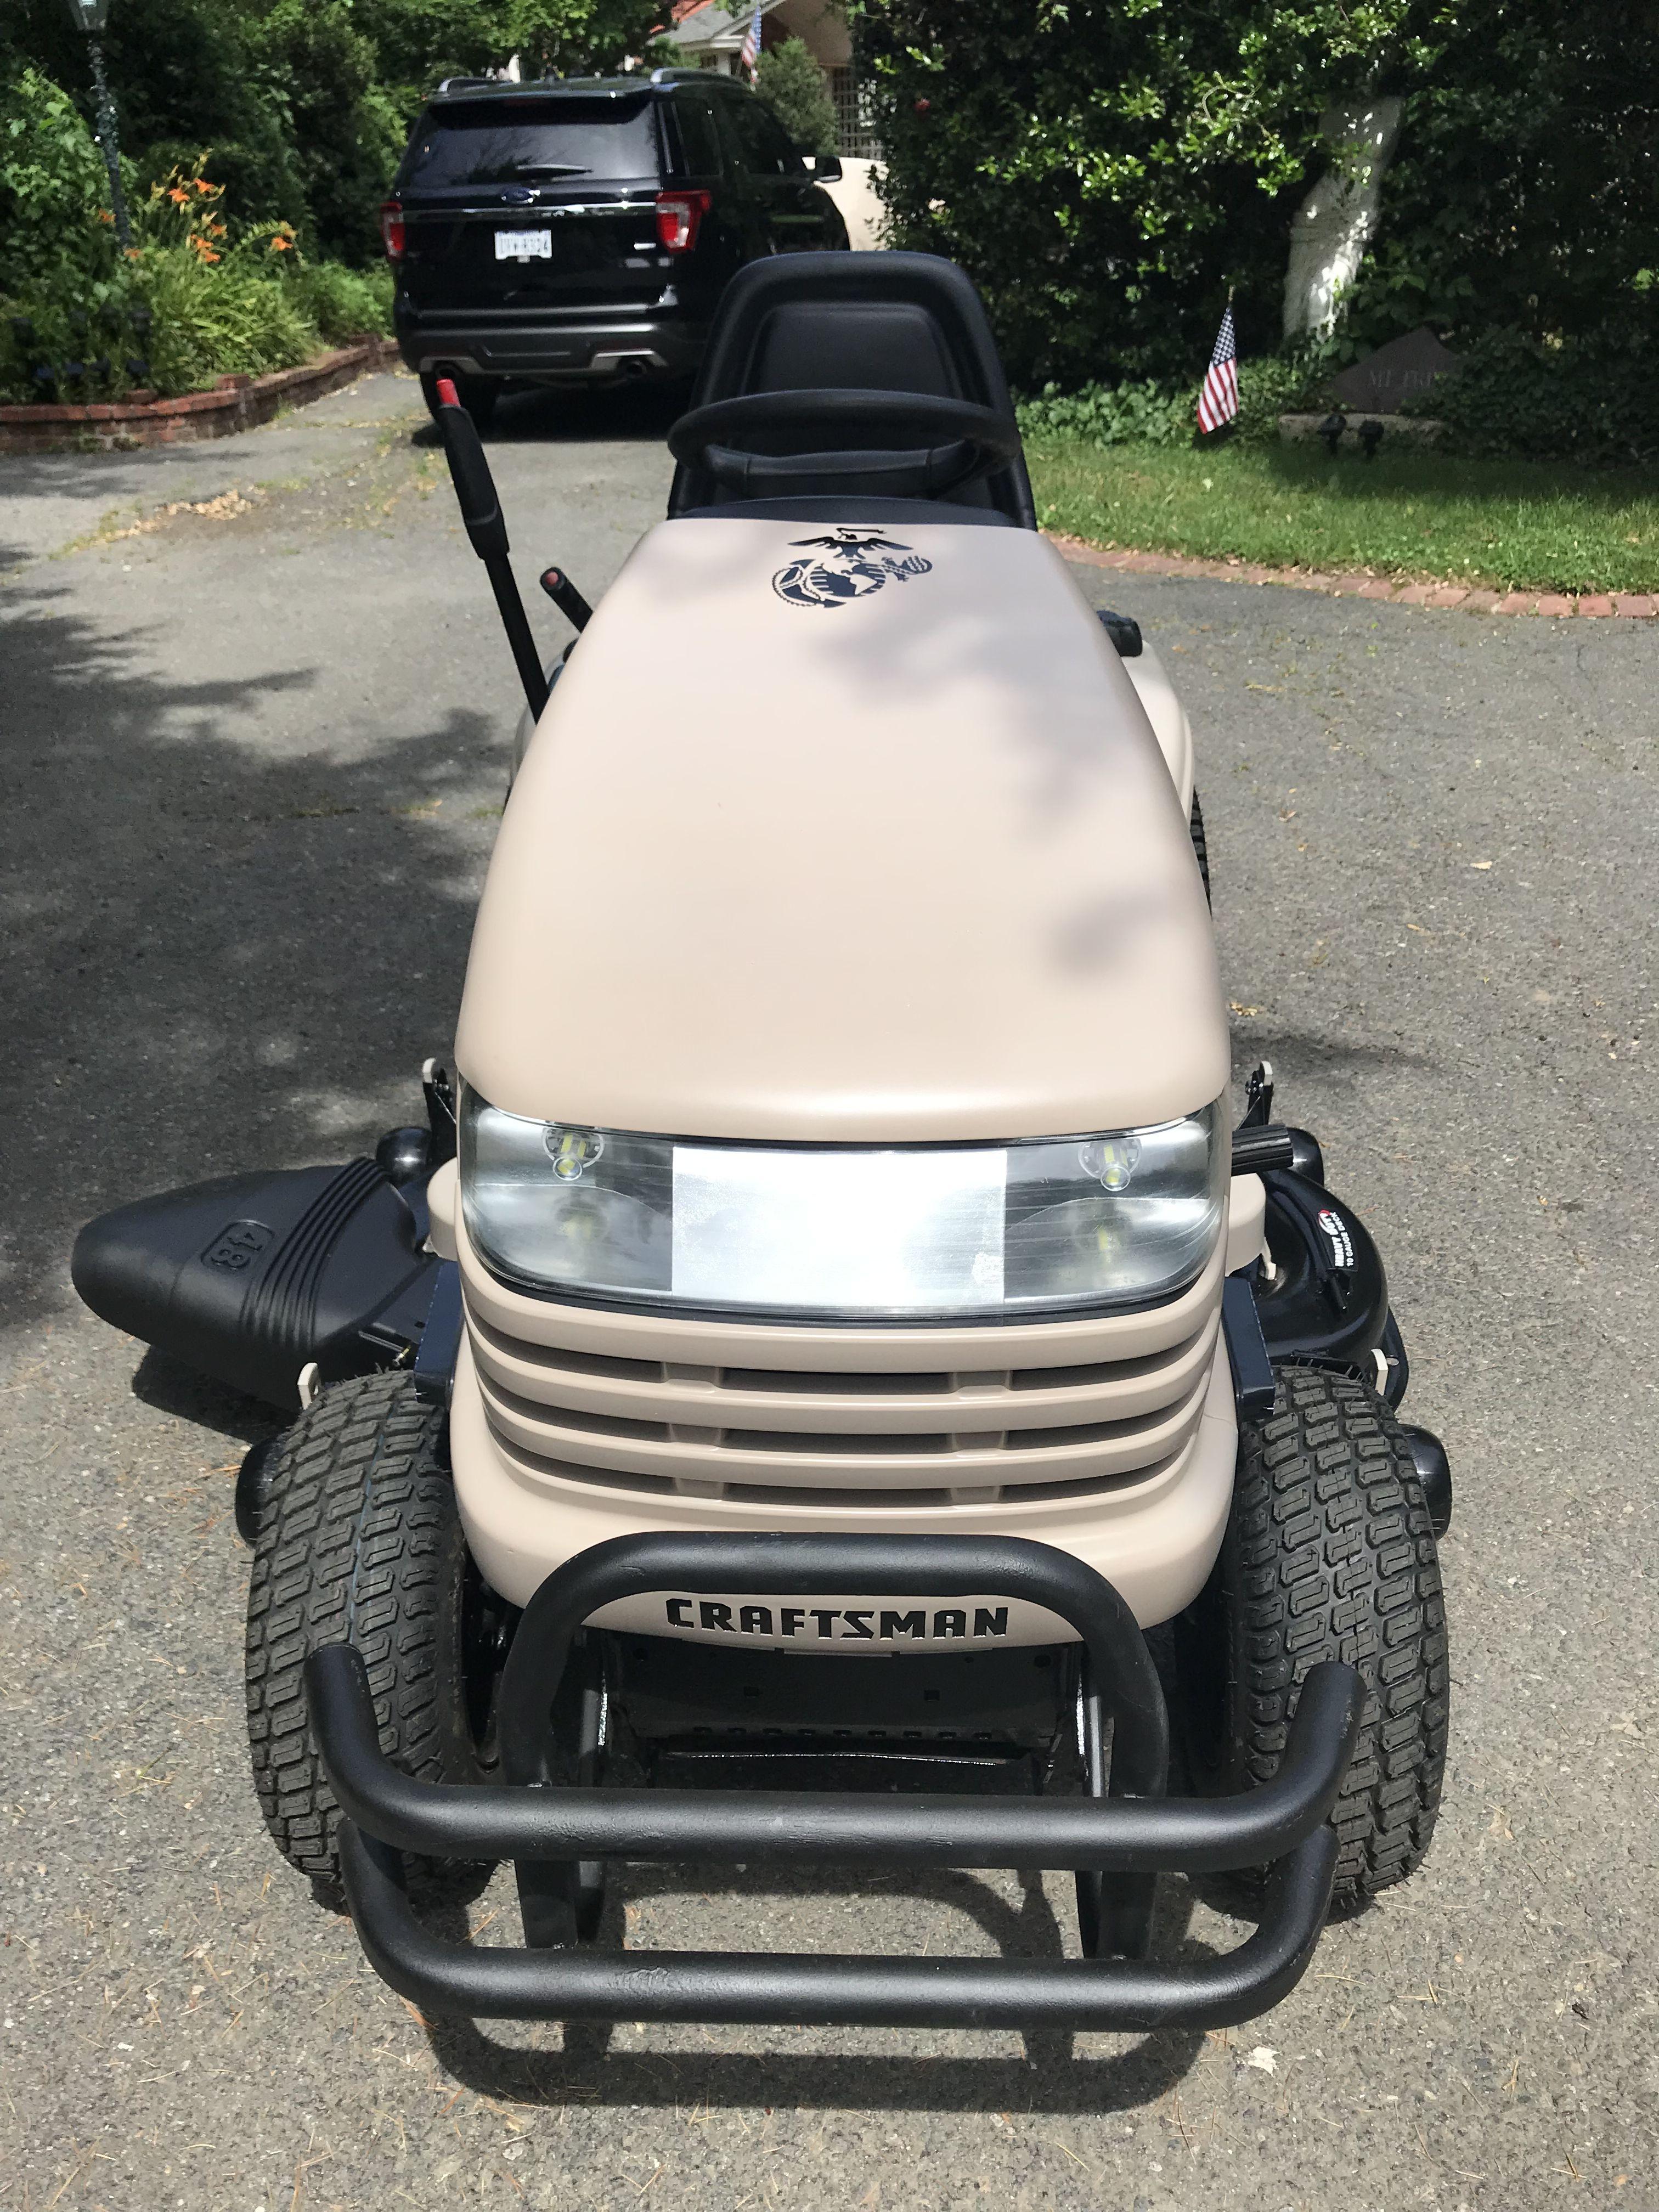 Usmc Craftsman Gt5000 Tractor I Restored April 2019 Tractors Golf Carts Lawn Mower